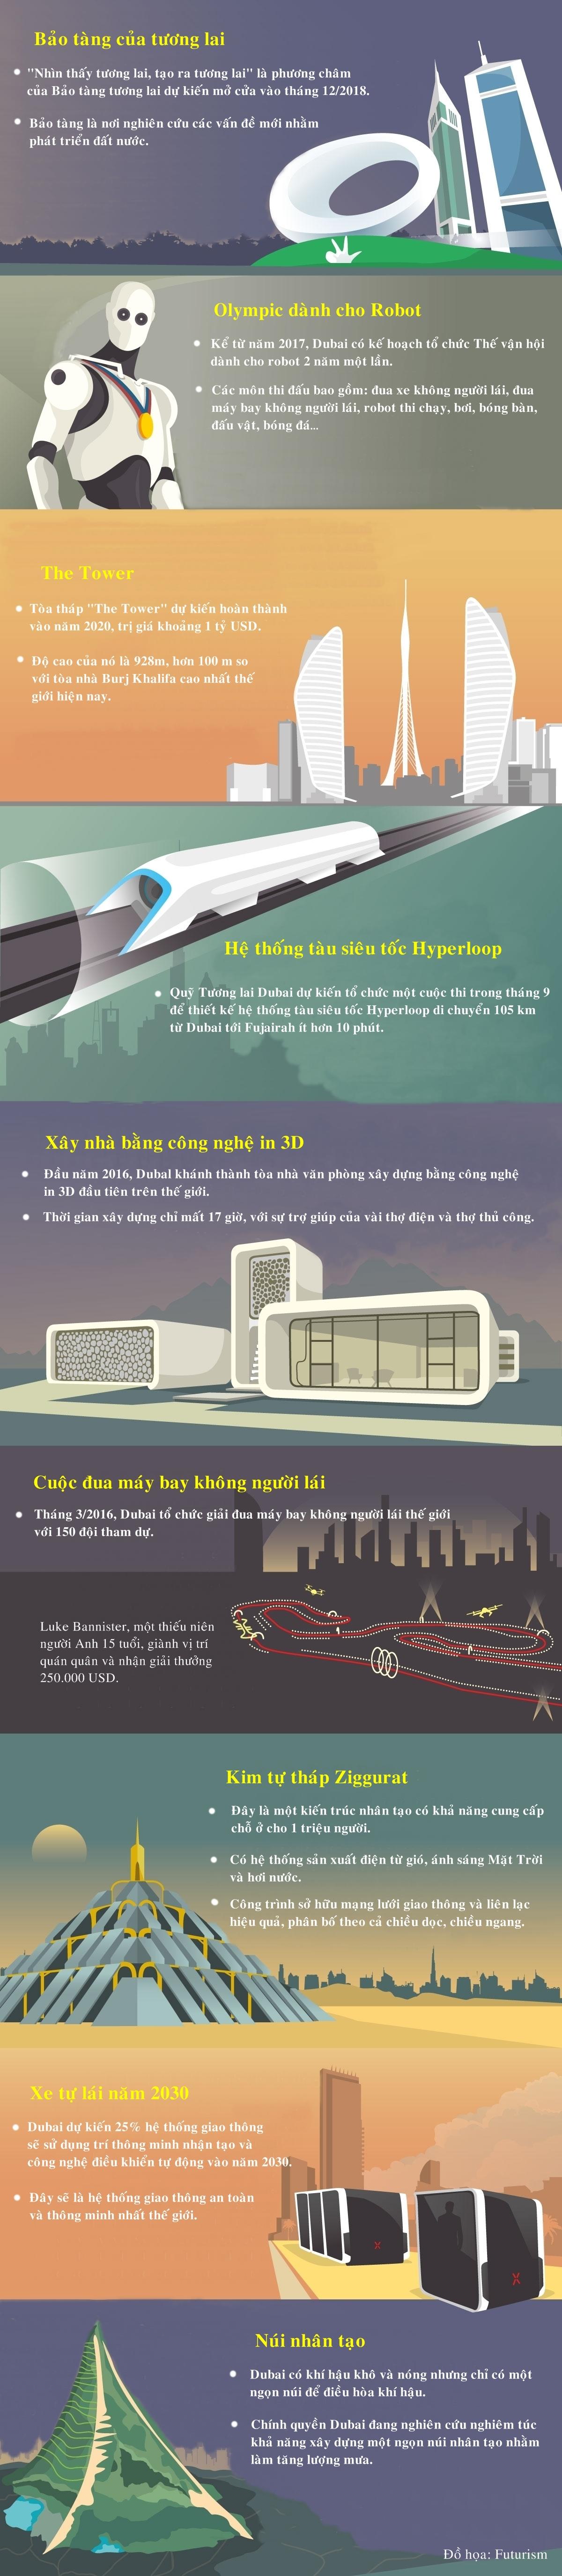 Dubai - siêu thành phố quy tụ công nghệ tương lai